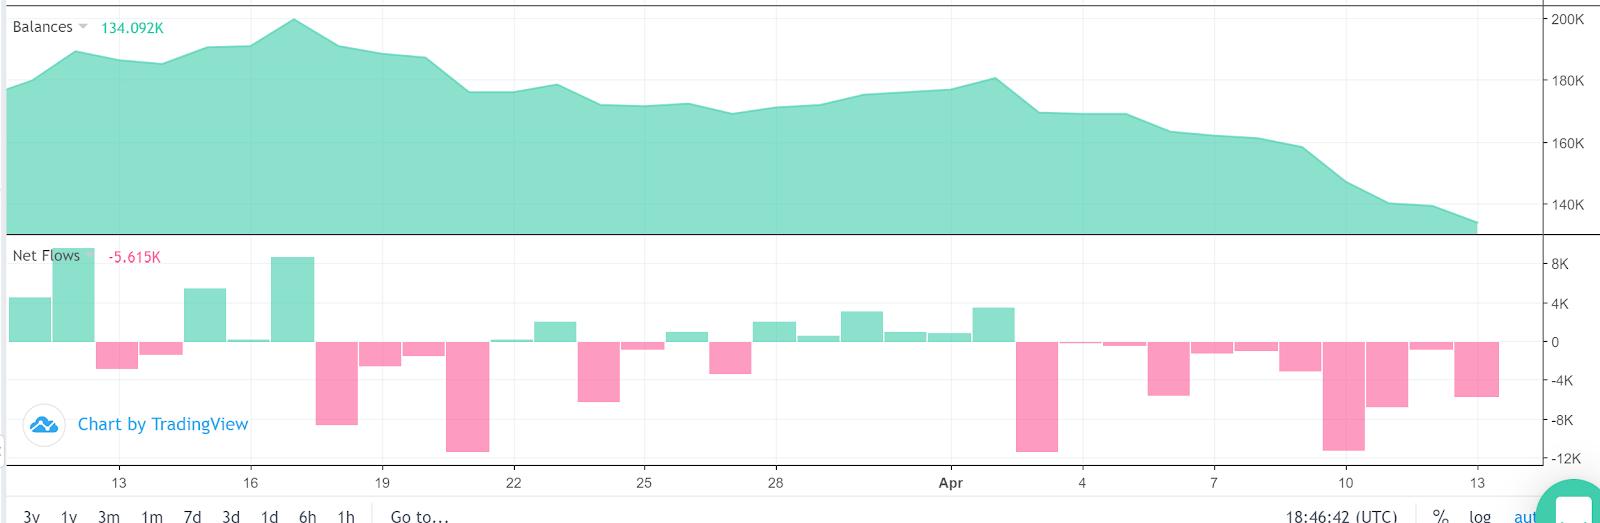 Bilancio in BTC di Bitfinex